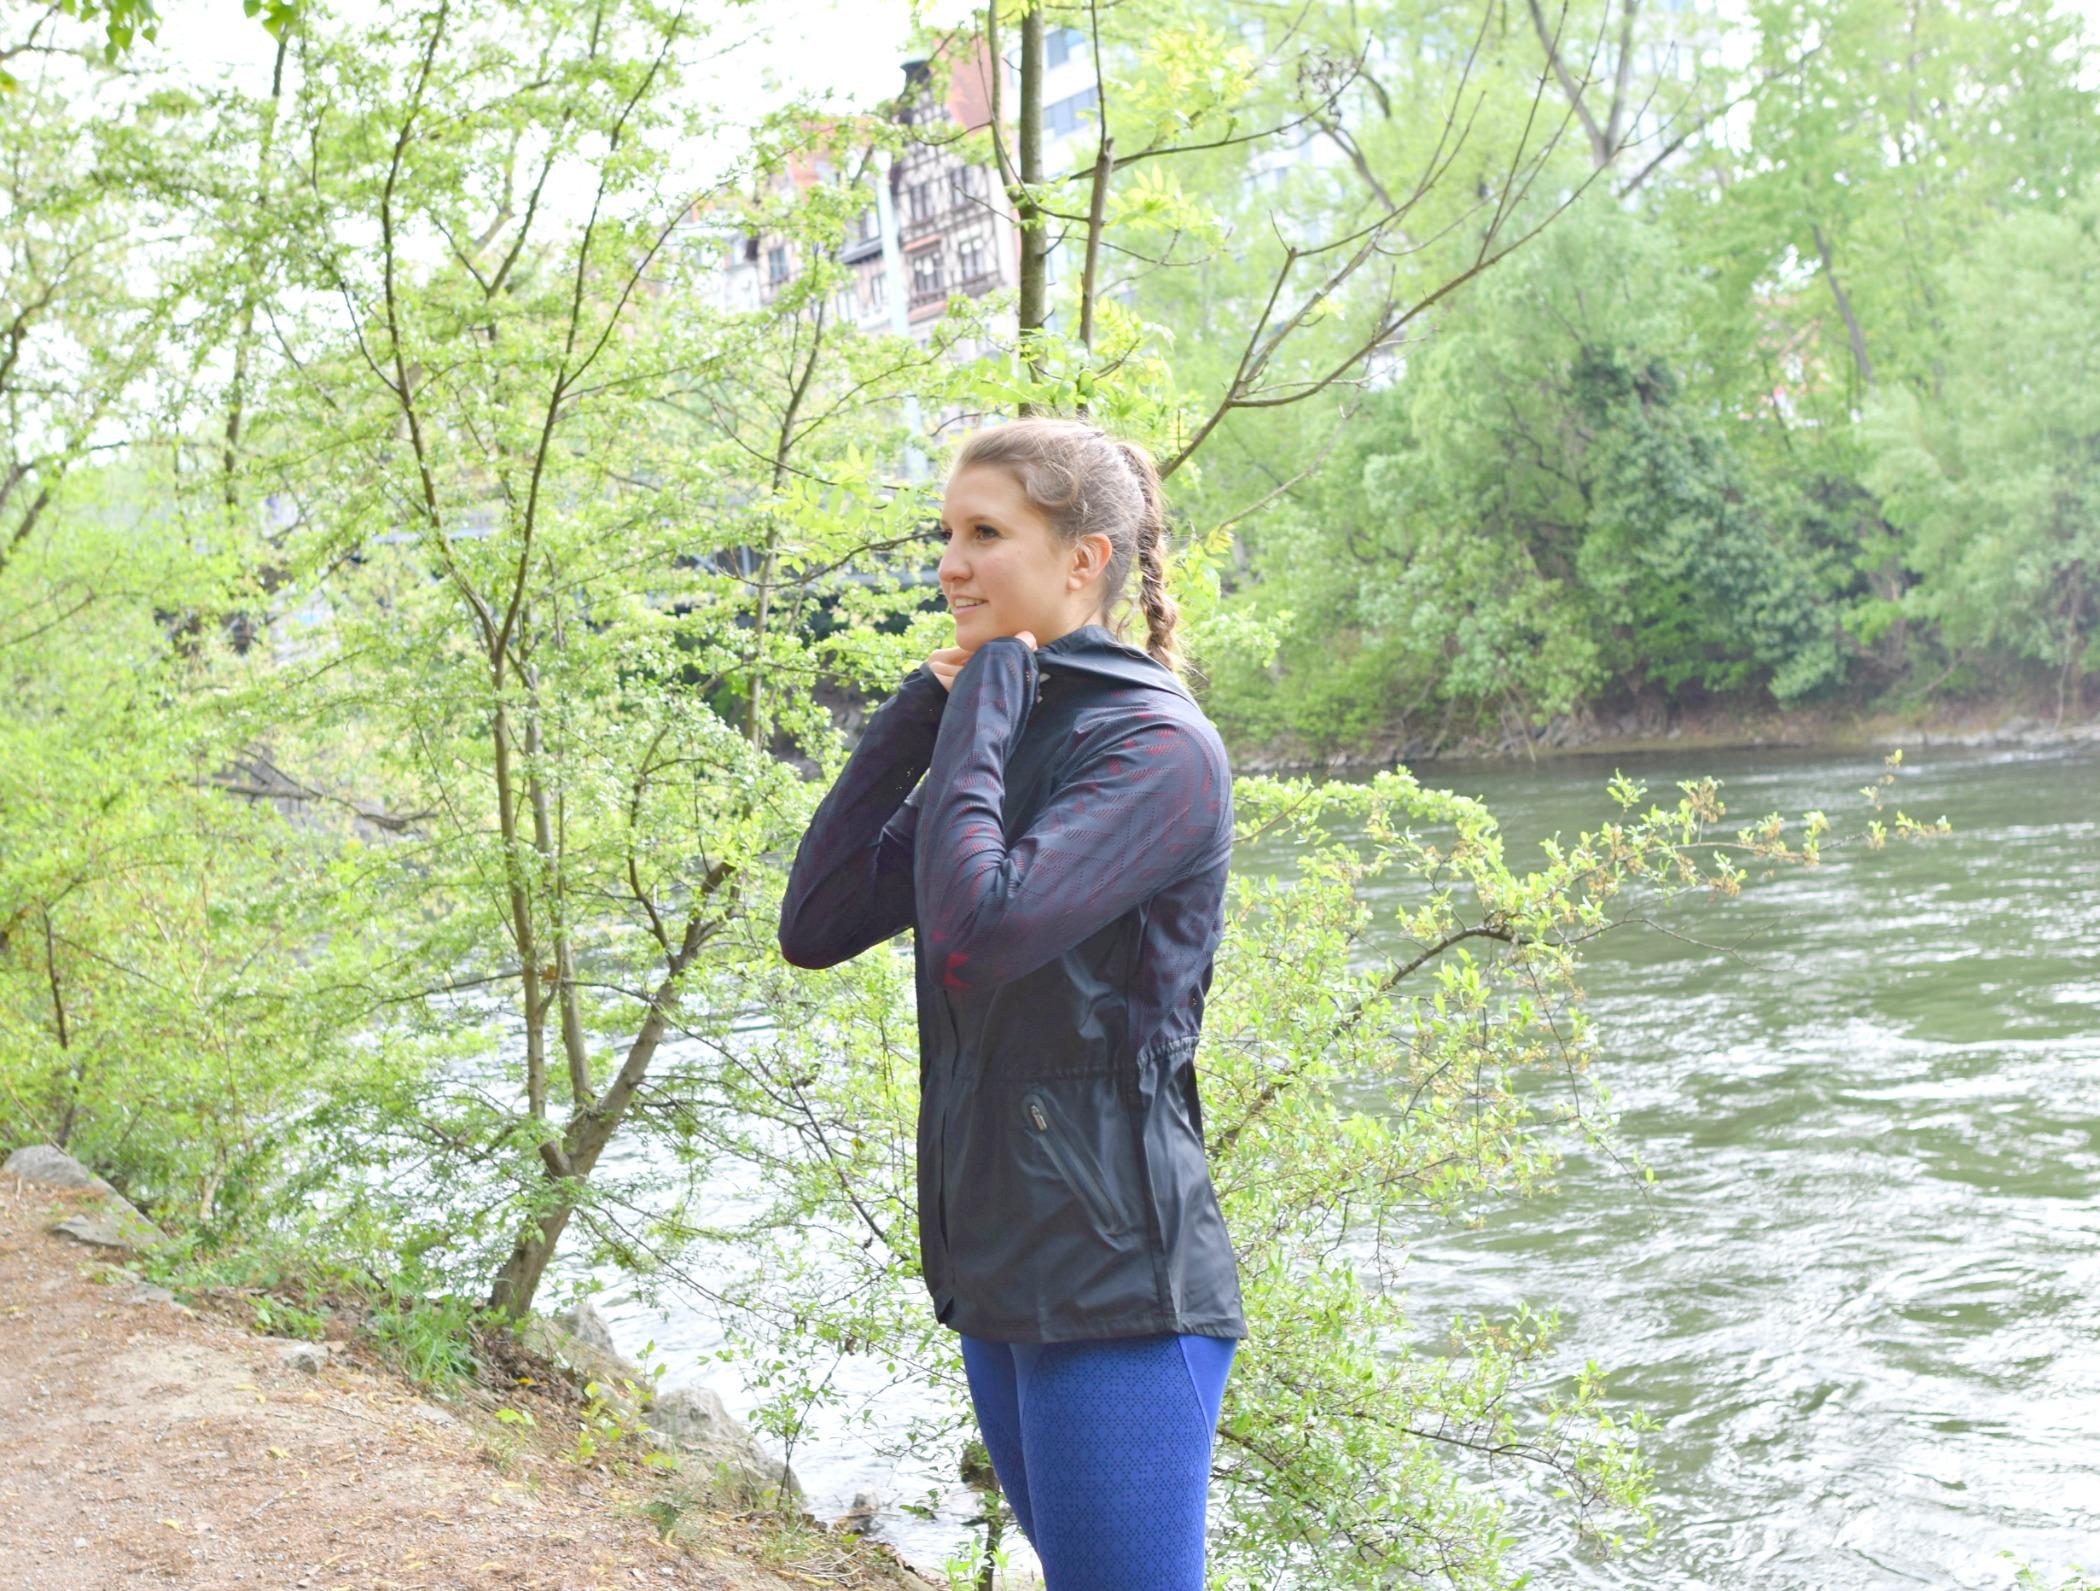 fitnessblog-fitnessblogger-graz-klara-fuchs-österreich-blogging-fitness-sport-blog-sportblog-trainerin-laufen-ladiesrun-4